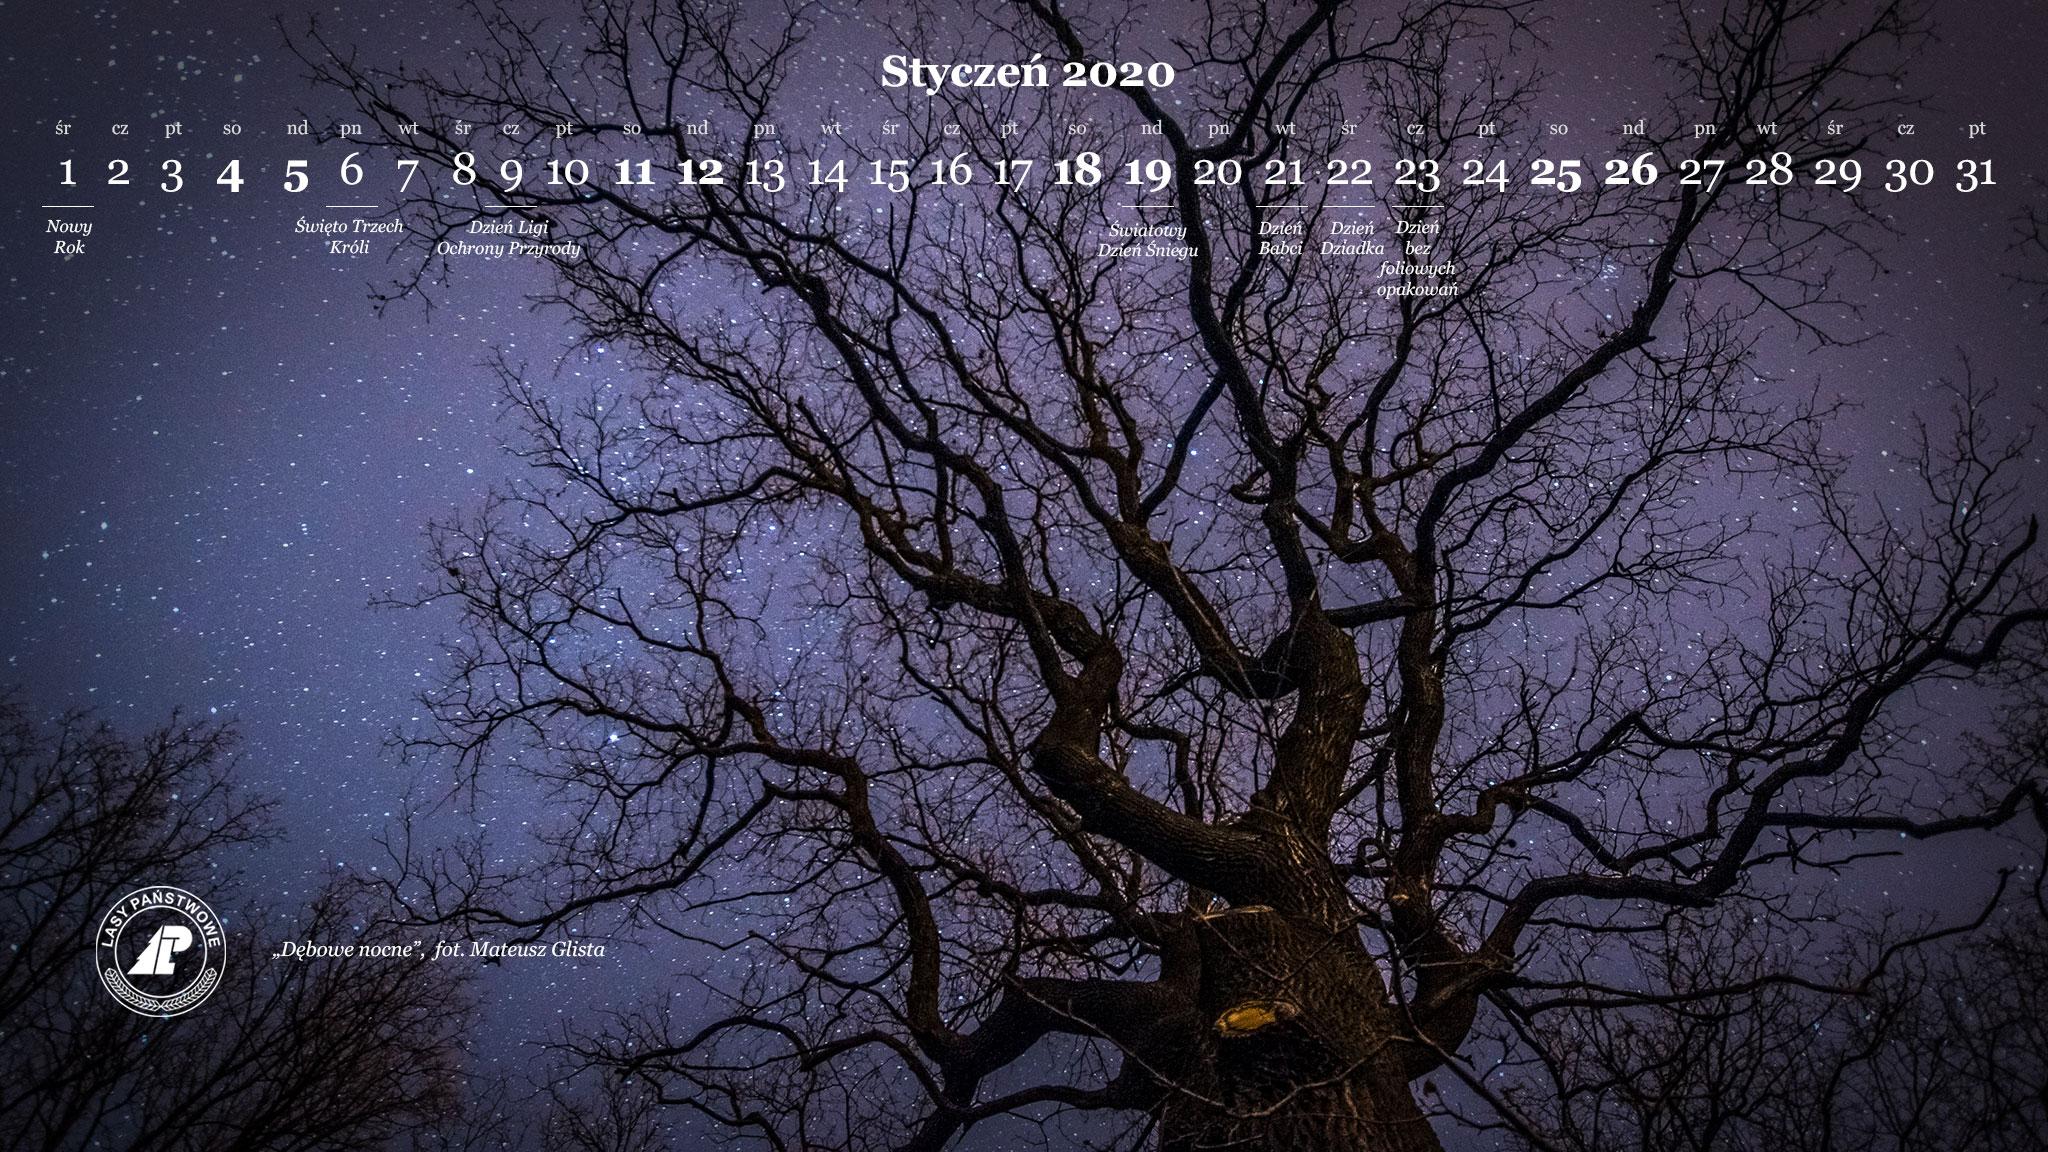 kalendarz_styczen_2020_2048x1152.jpg